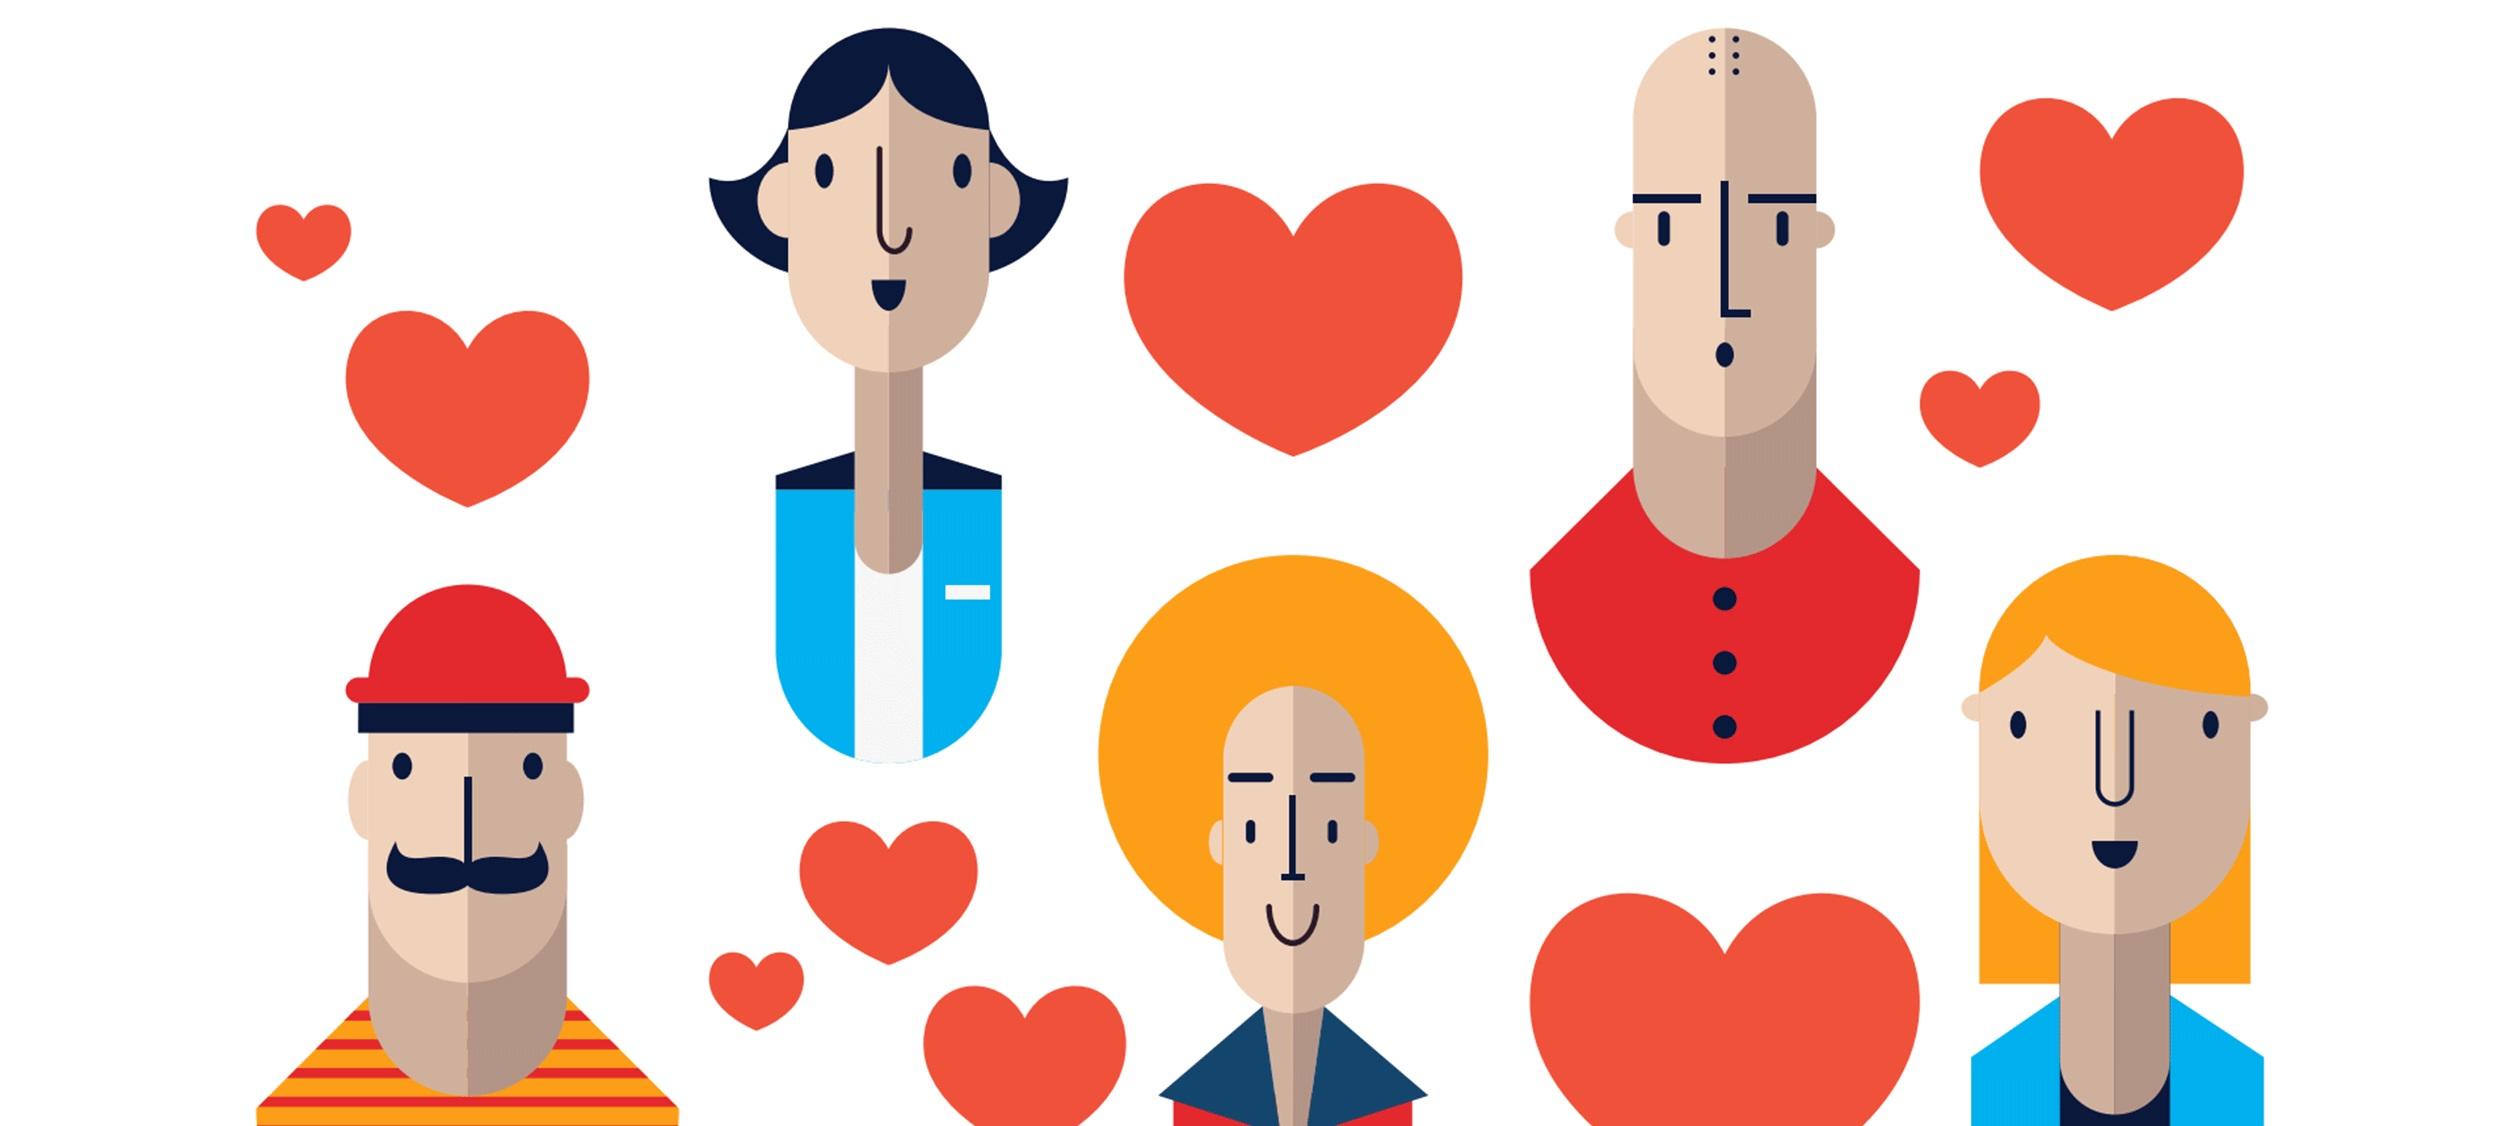 13 rzeczy, które powinieneś robić żeby Klienci uwielbiali u Ciebie kupować, wracali przez lata i przyprowadzali znajomych.